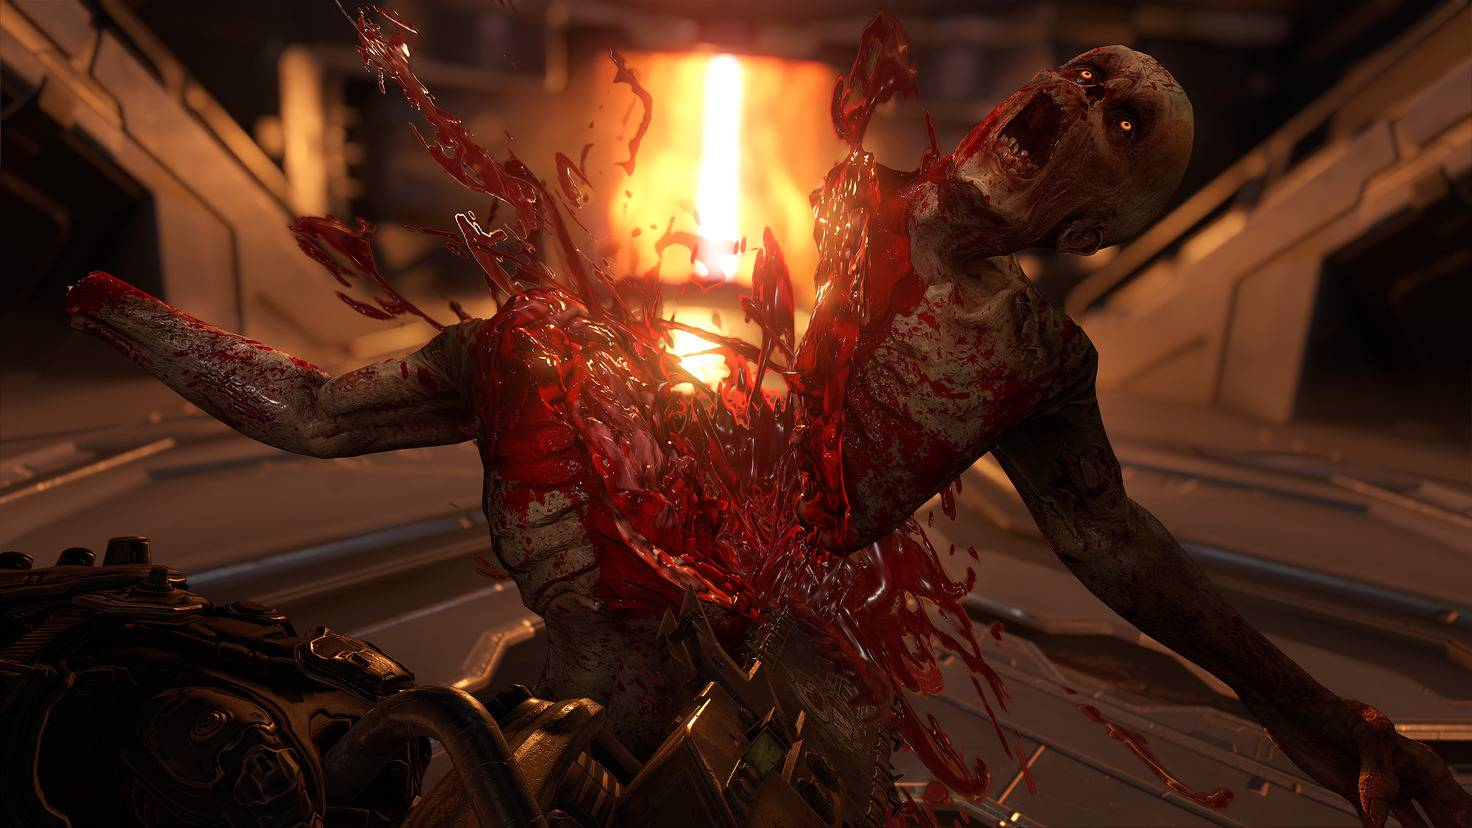 """Ich hab nur dieses Bild rausgesucht und schon wieder so Bock auf """"Doom""""."""